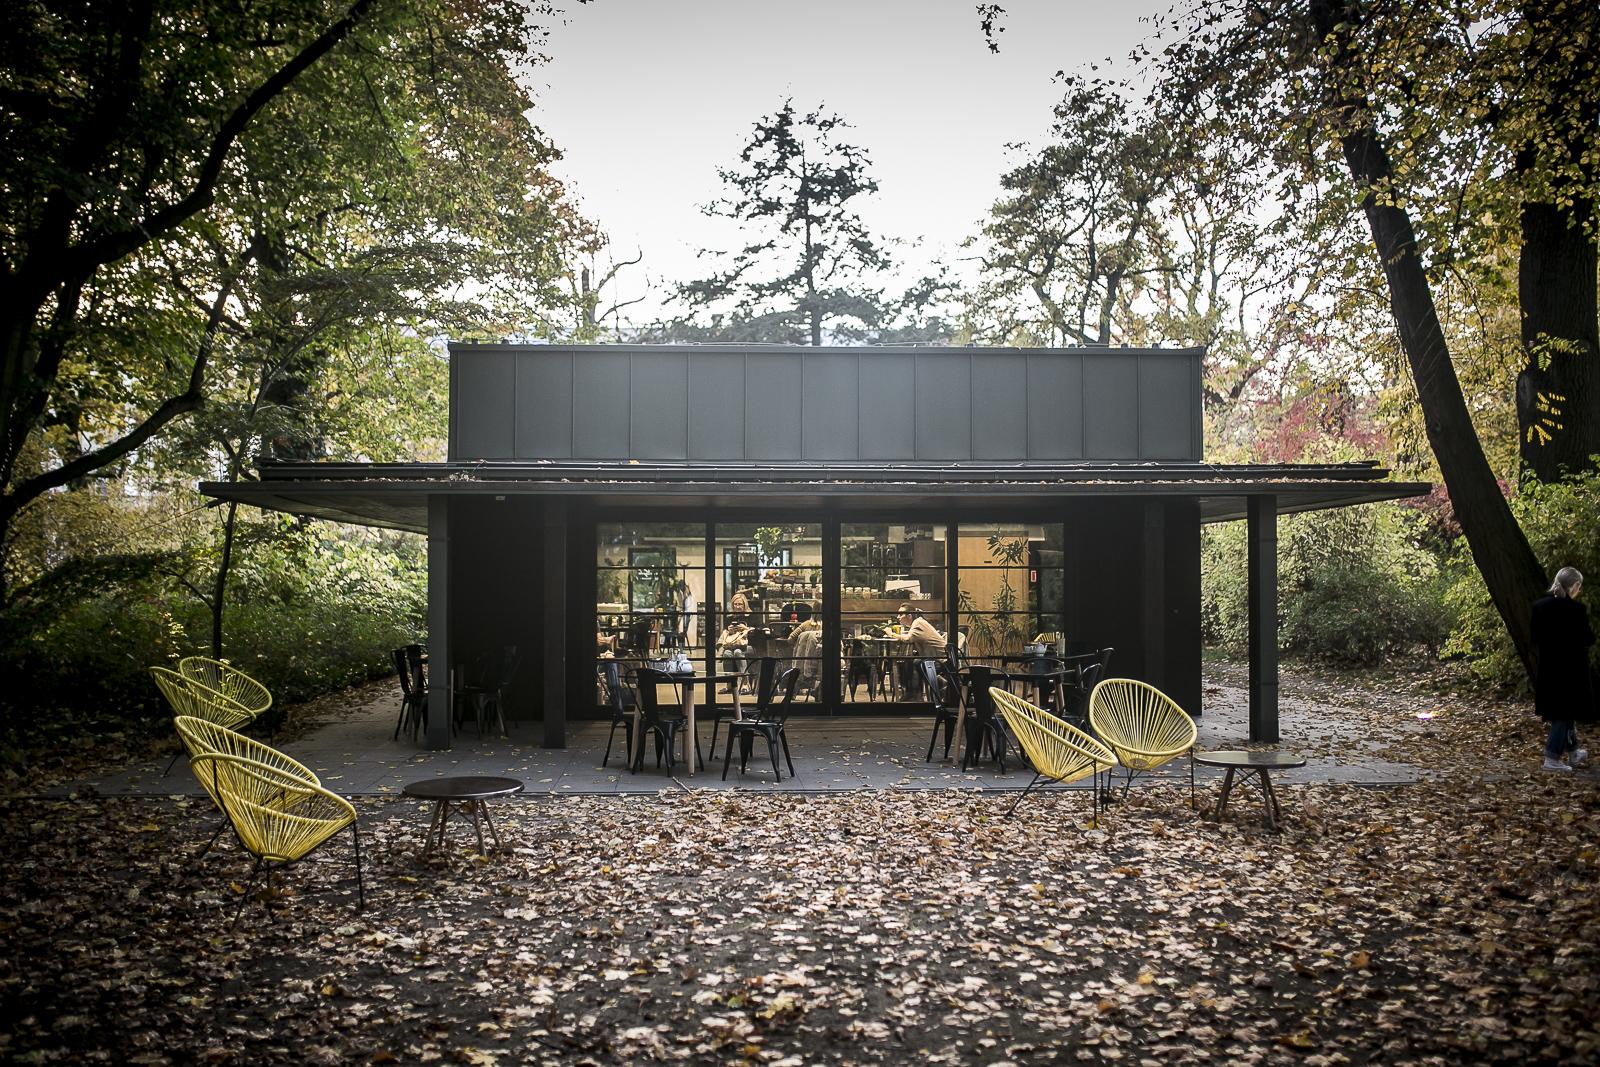 фото предоставляет одноэтажное здание в парке в окружении опавшей листвы. Перед павильоном стоят шезлонги.